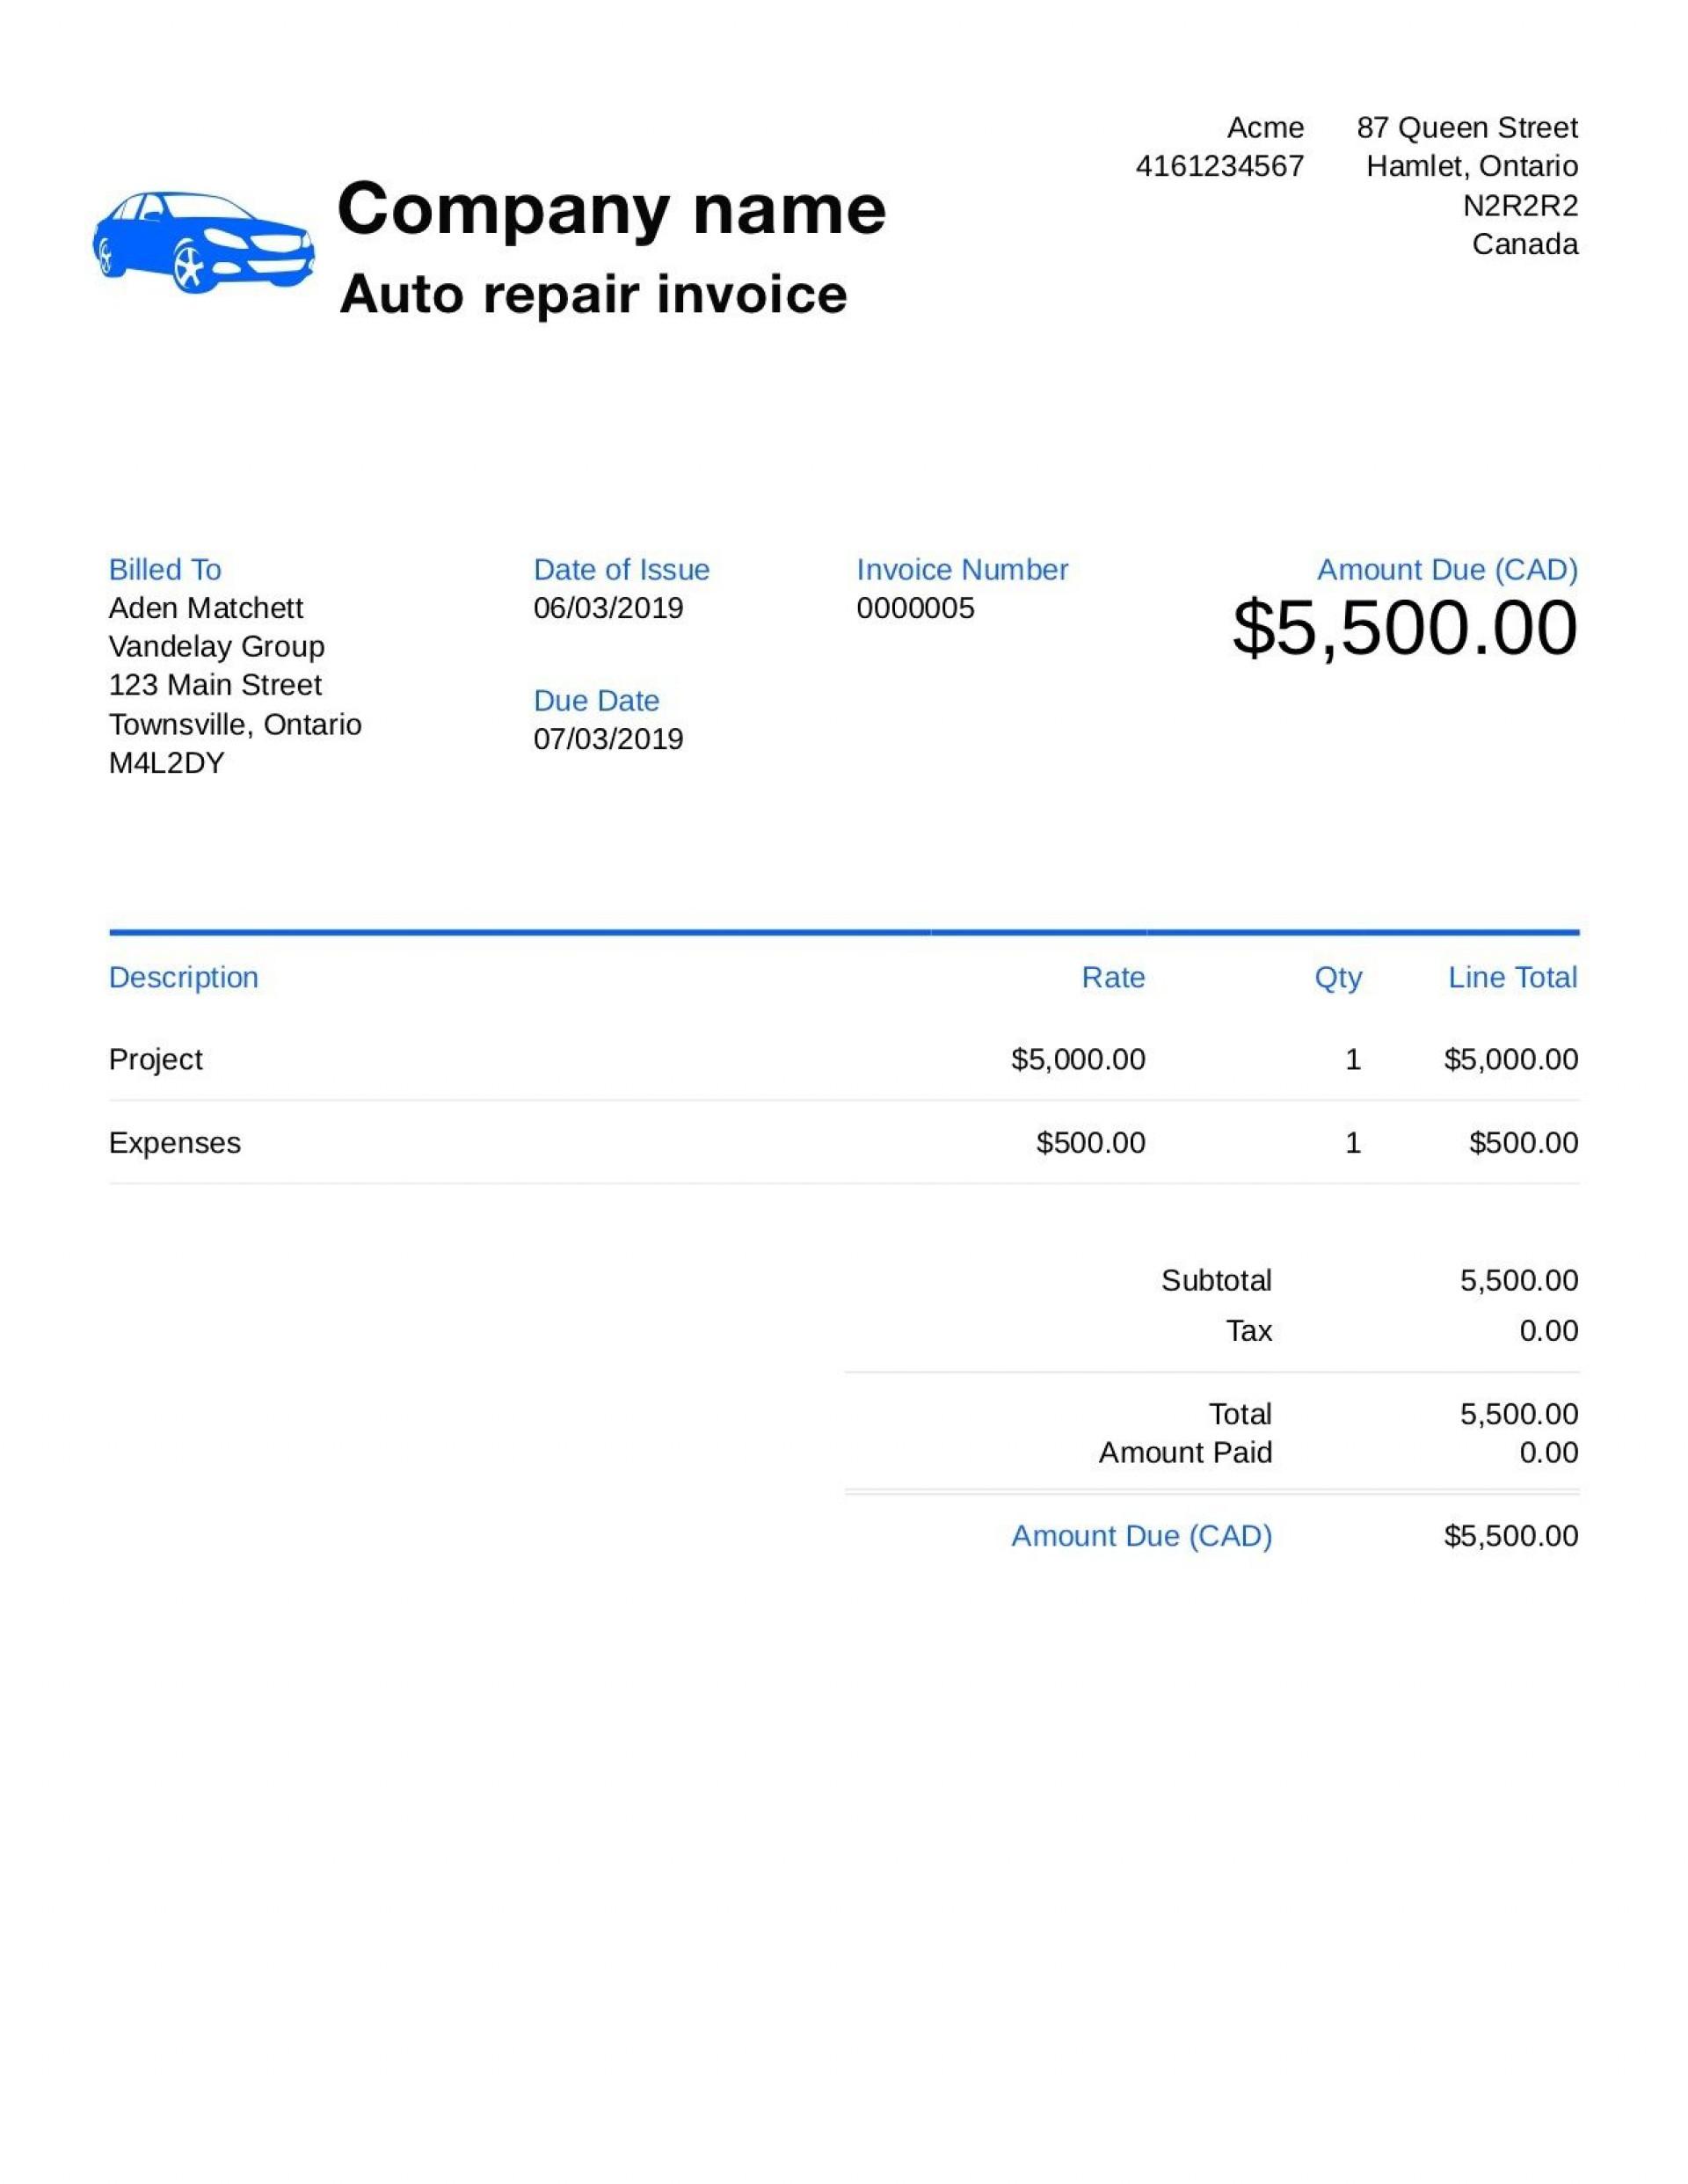 008 Singular Auto Repair Invoice Template Excel Highest Quality 1920